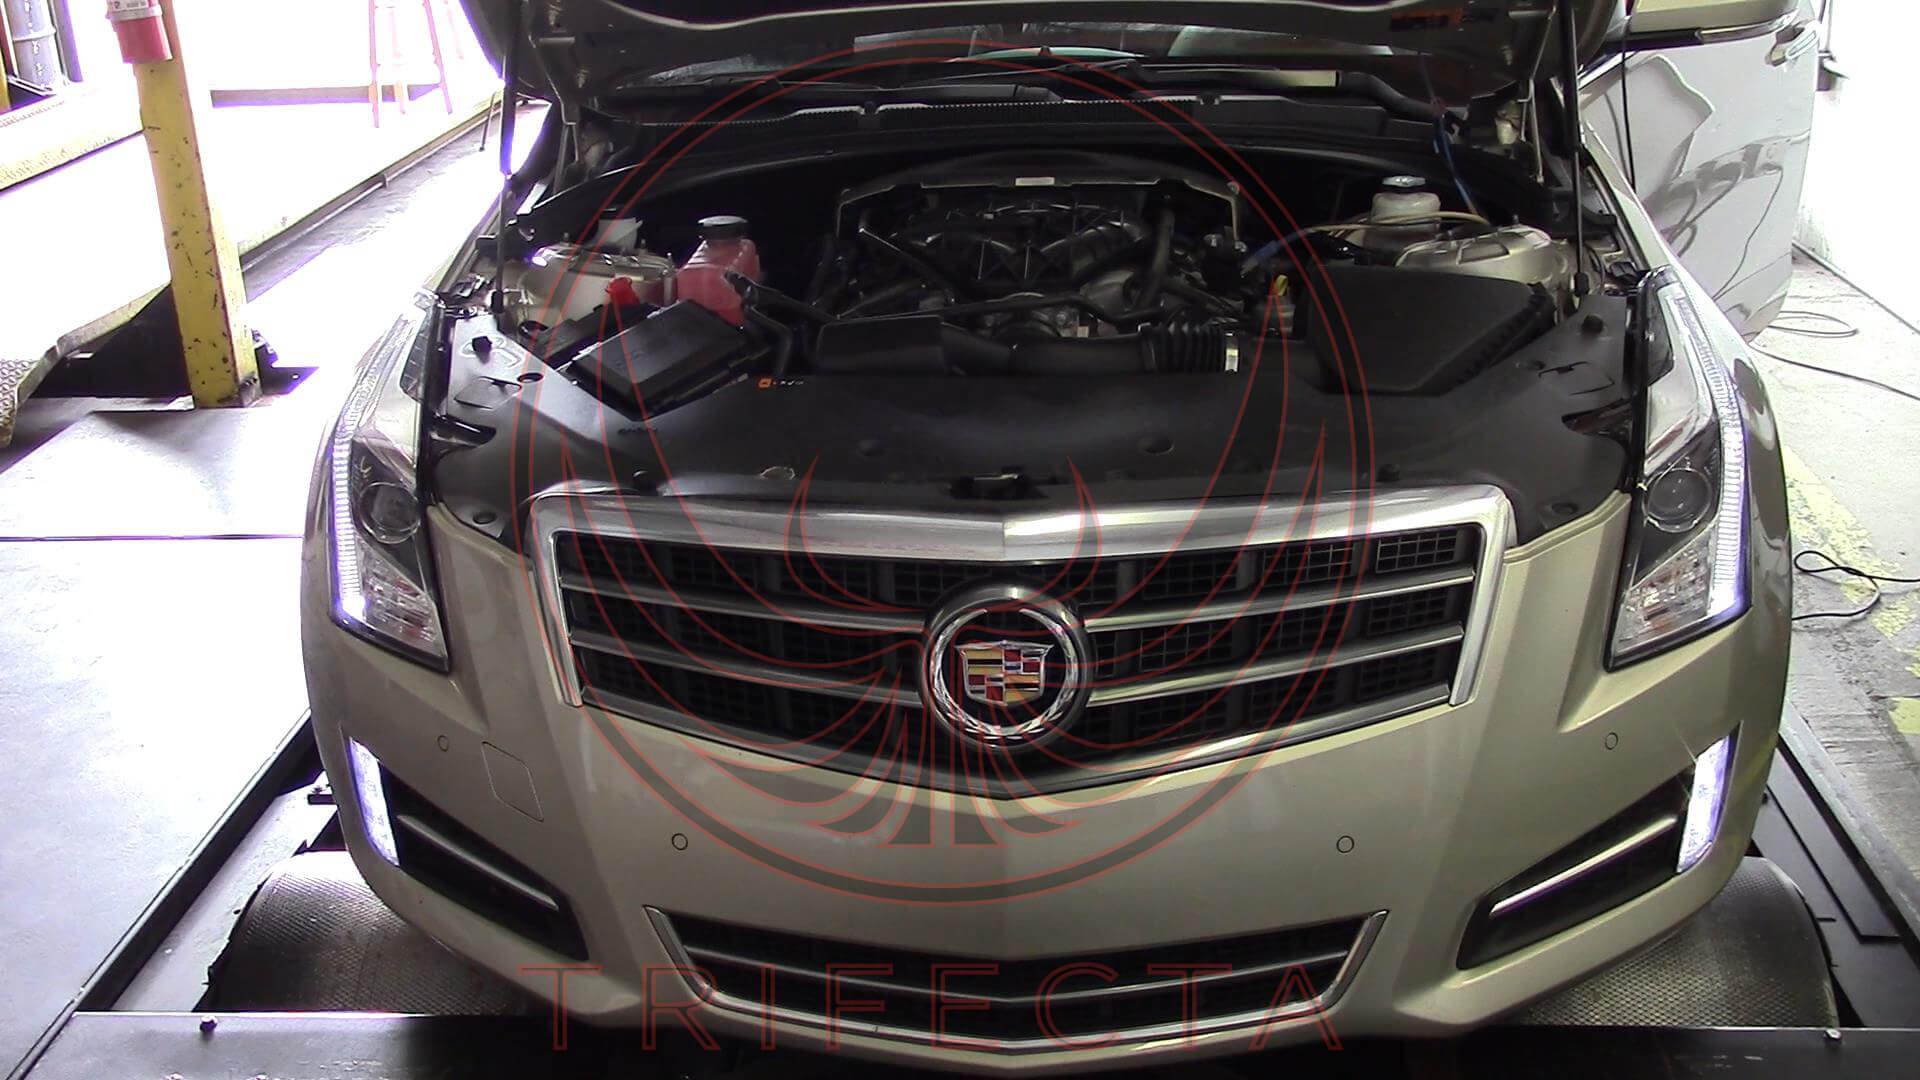 Product Review: 2013--2015 Cadillac ATS - 3.6L - Advantage